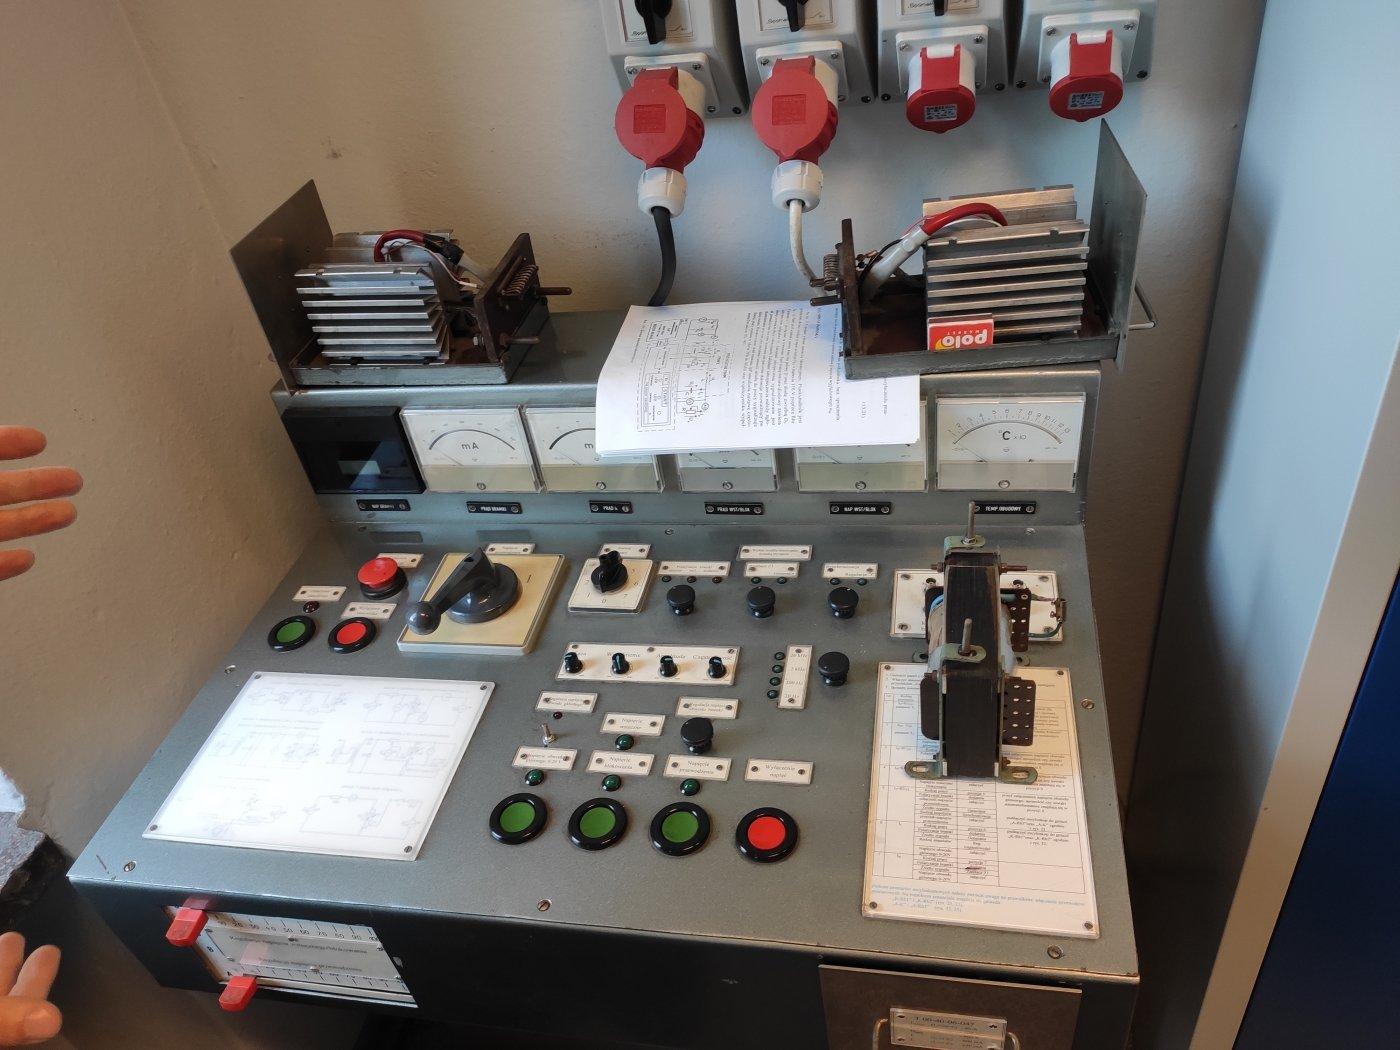 Студент ІФНТУНГ за допомогою 3D друку виготовив безколекторний електродвигун (фото), фото-5